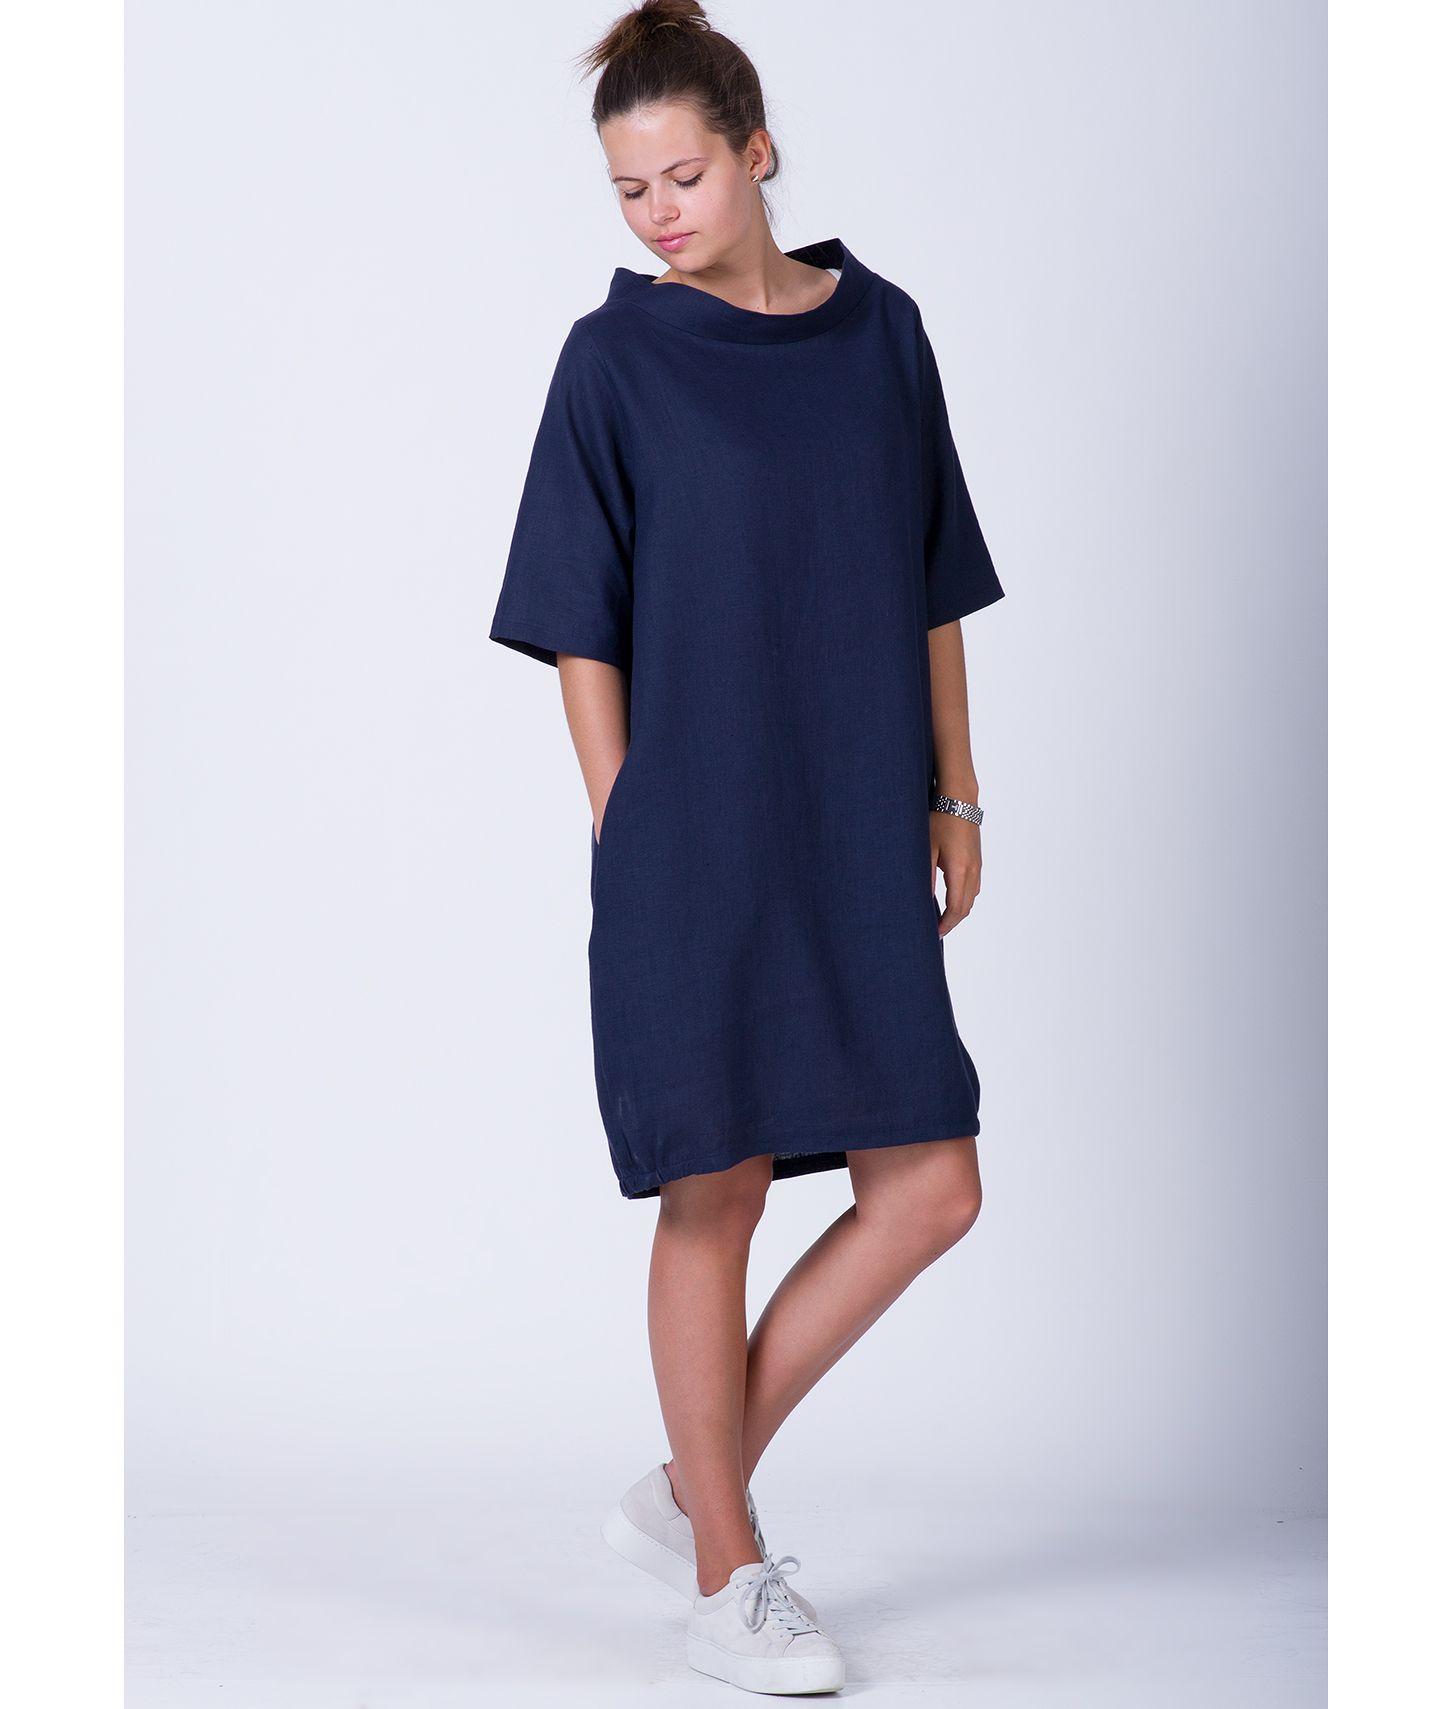 c1af5817802540 sukienka lniana LOU DRESS czas oczekiwania 10 dni